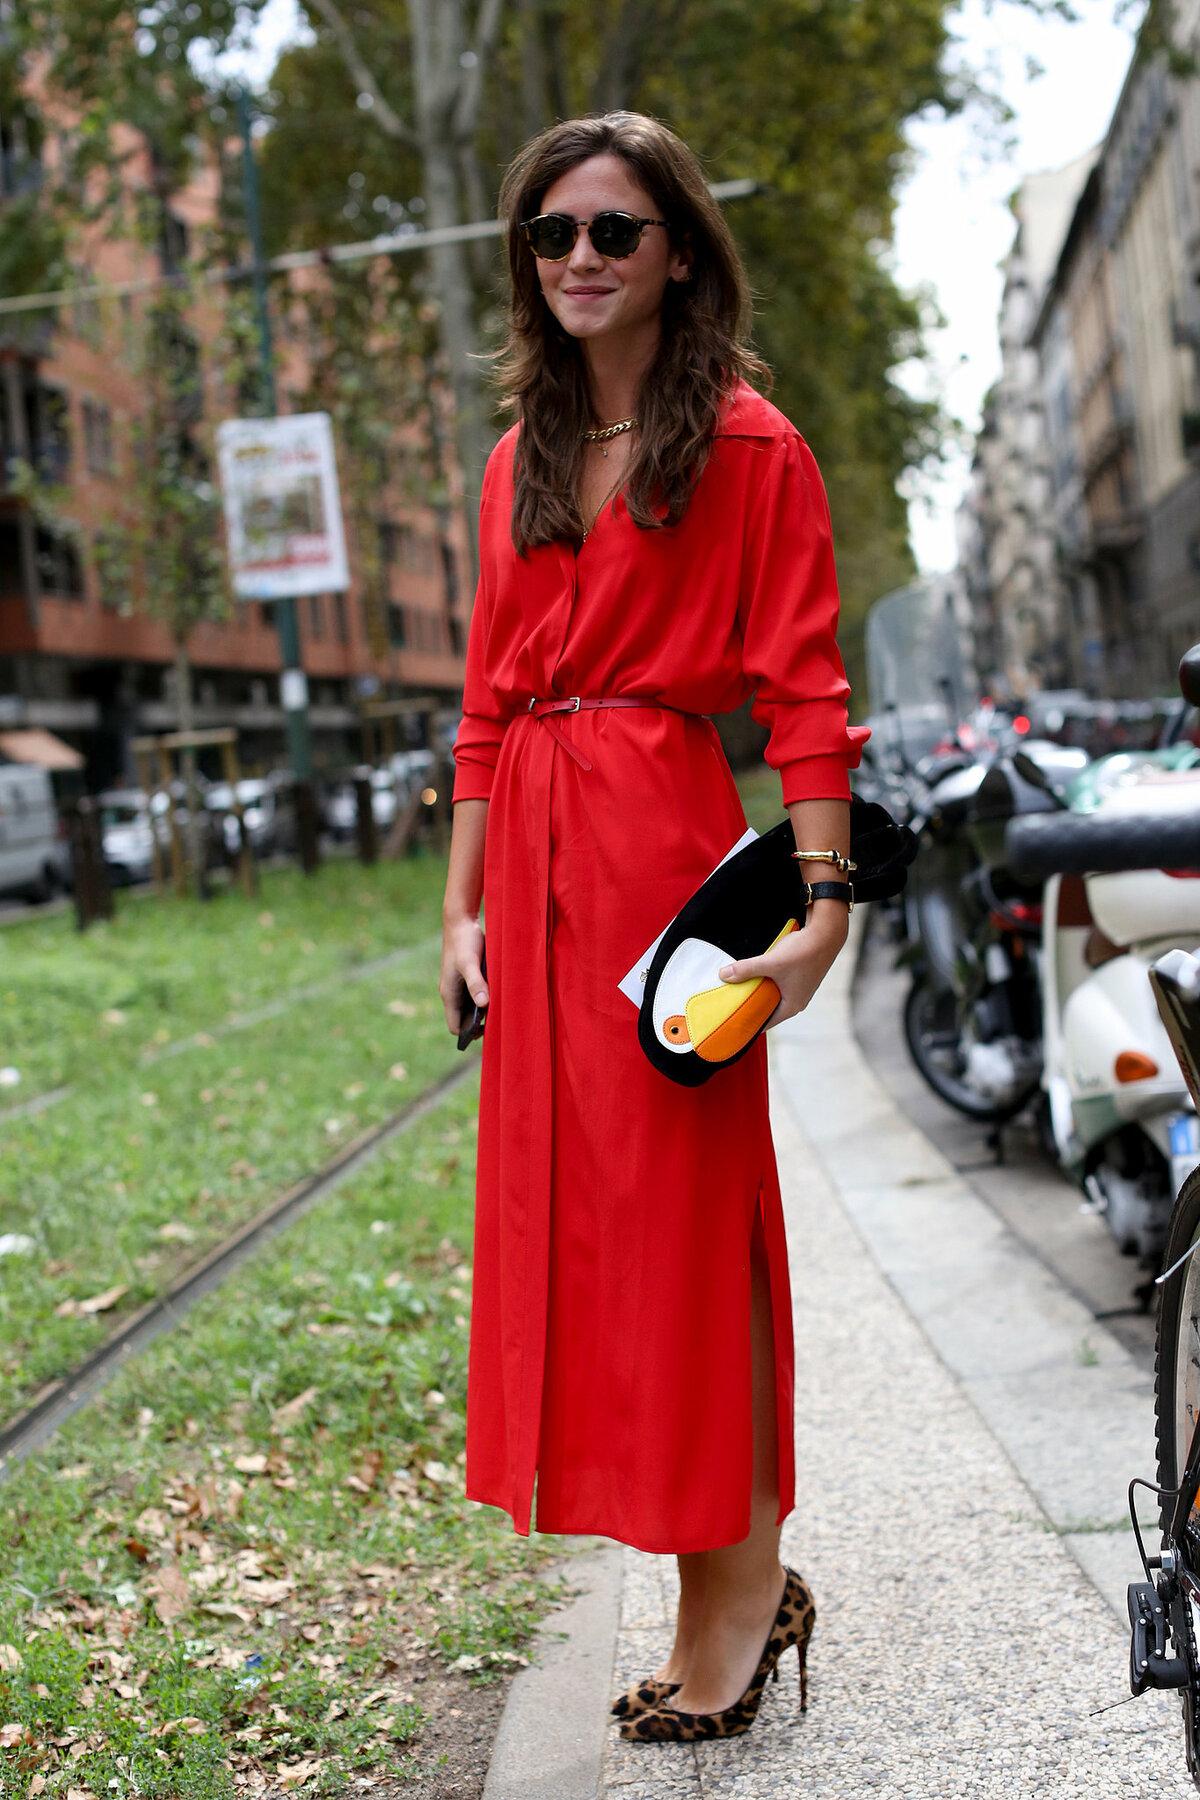 be1c3e4c191 Длинное красное платье-рубашка с узким ремнём и пятнистыми туфлями на  шпильке.